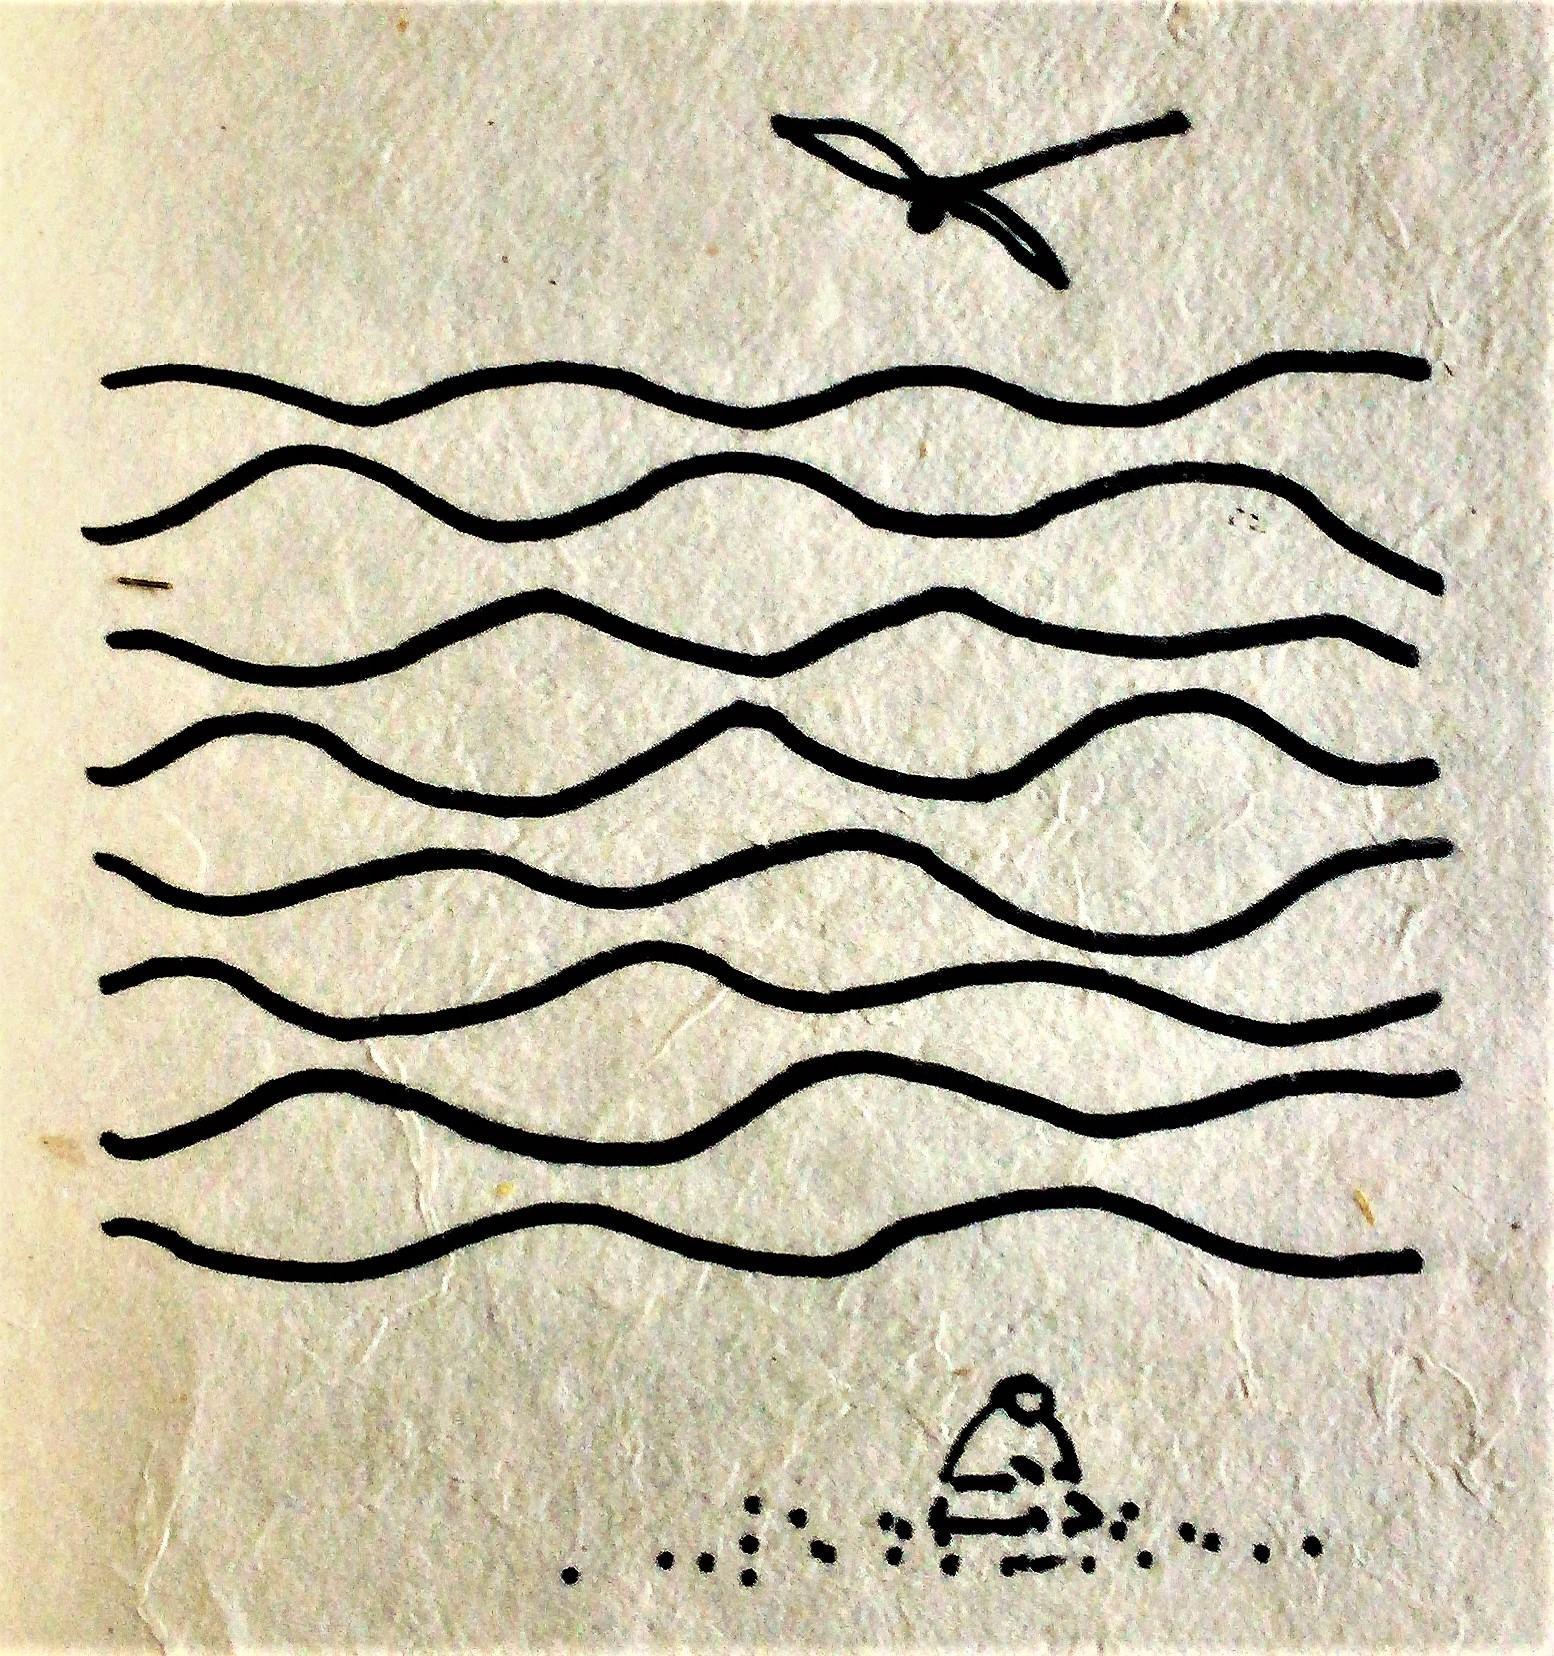 Meditation-Take-2-Paperwork-9-in-x-8-in